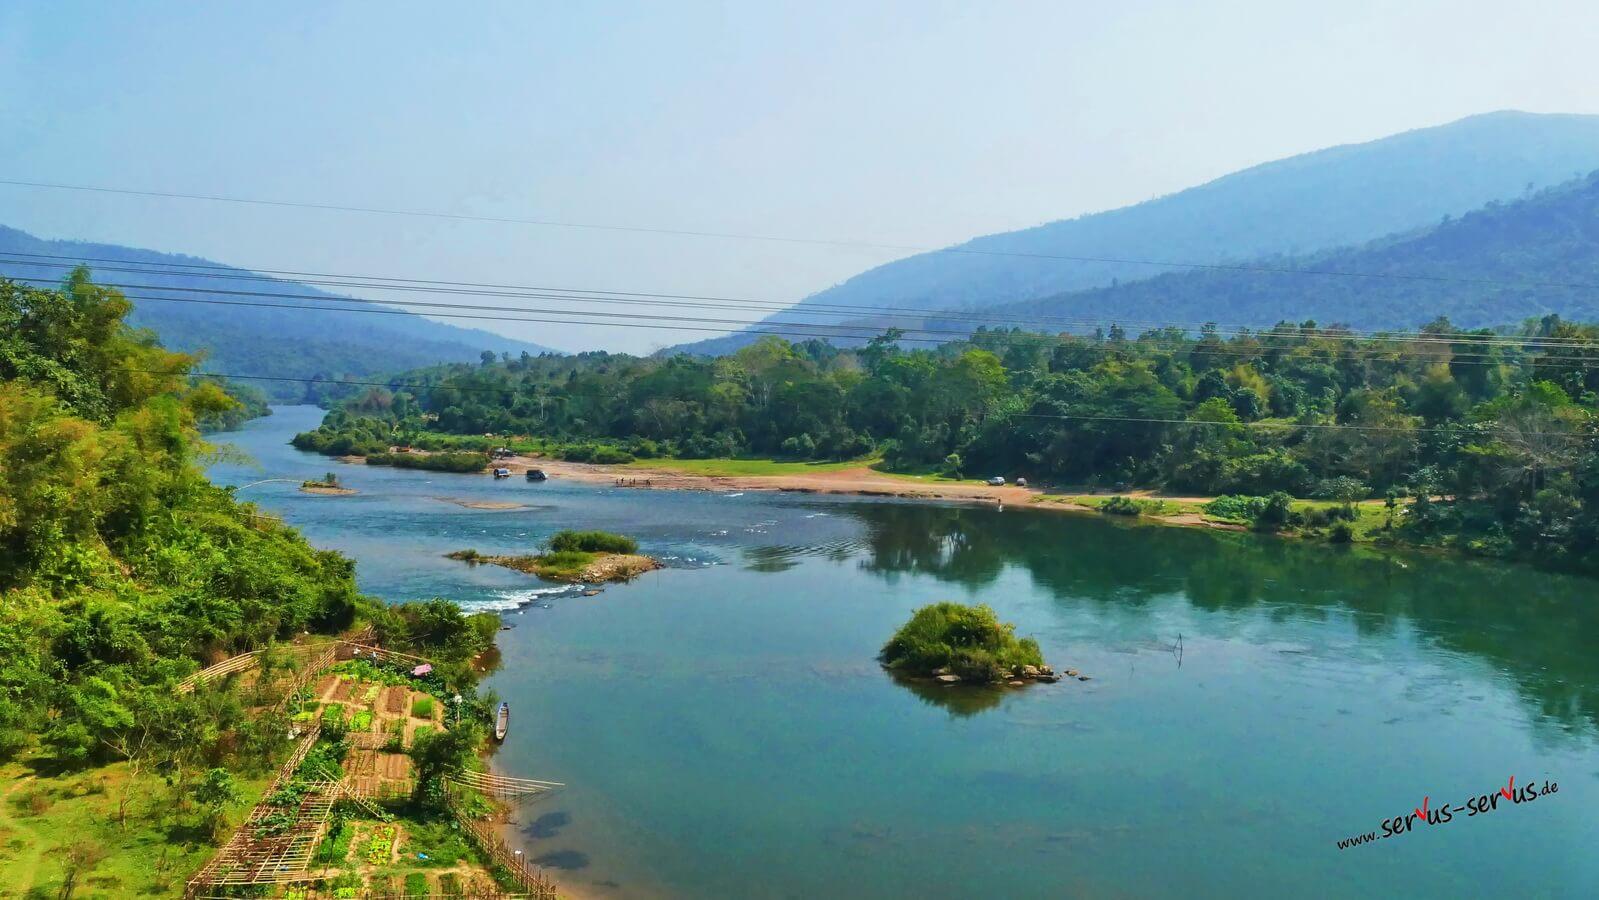 Blick auf einen Fluss in Laos